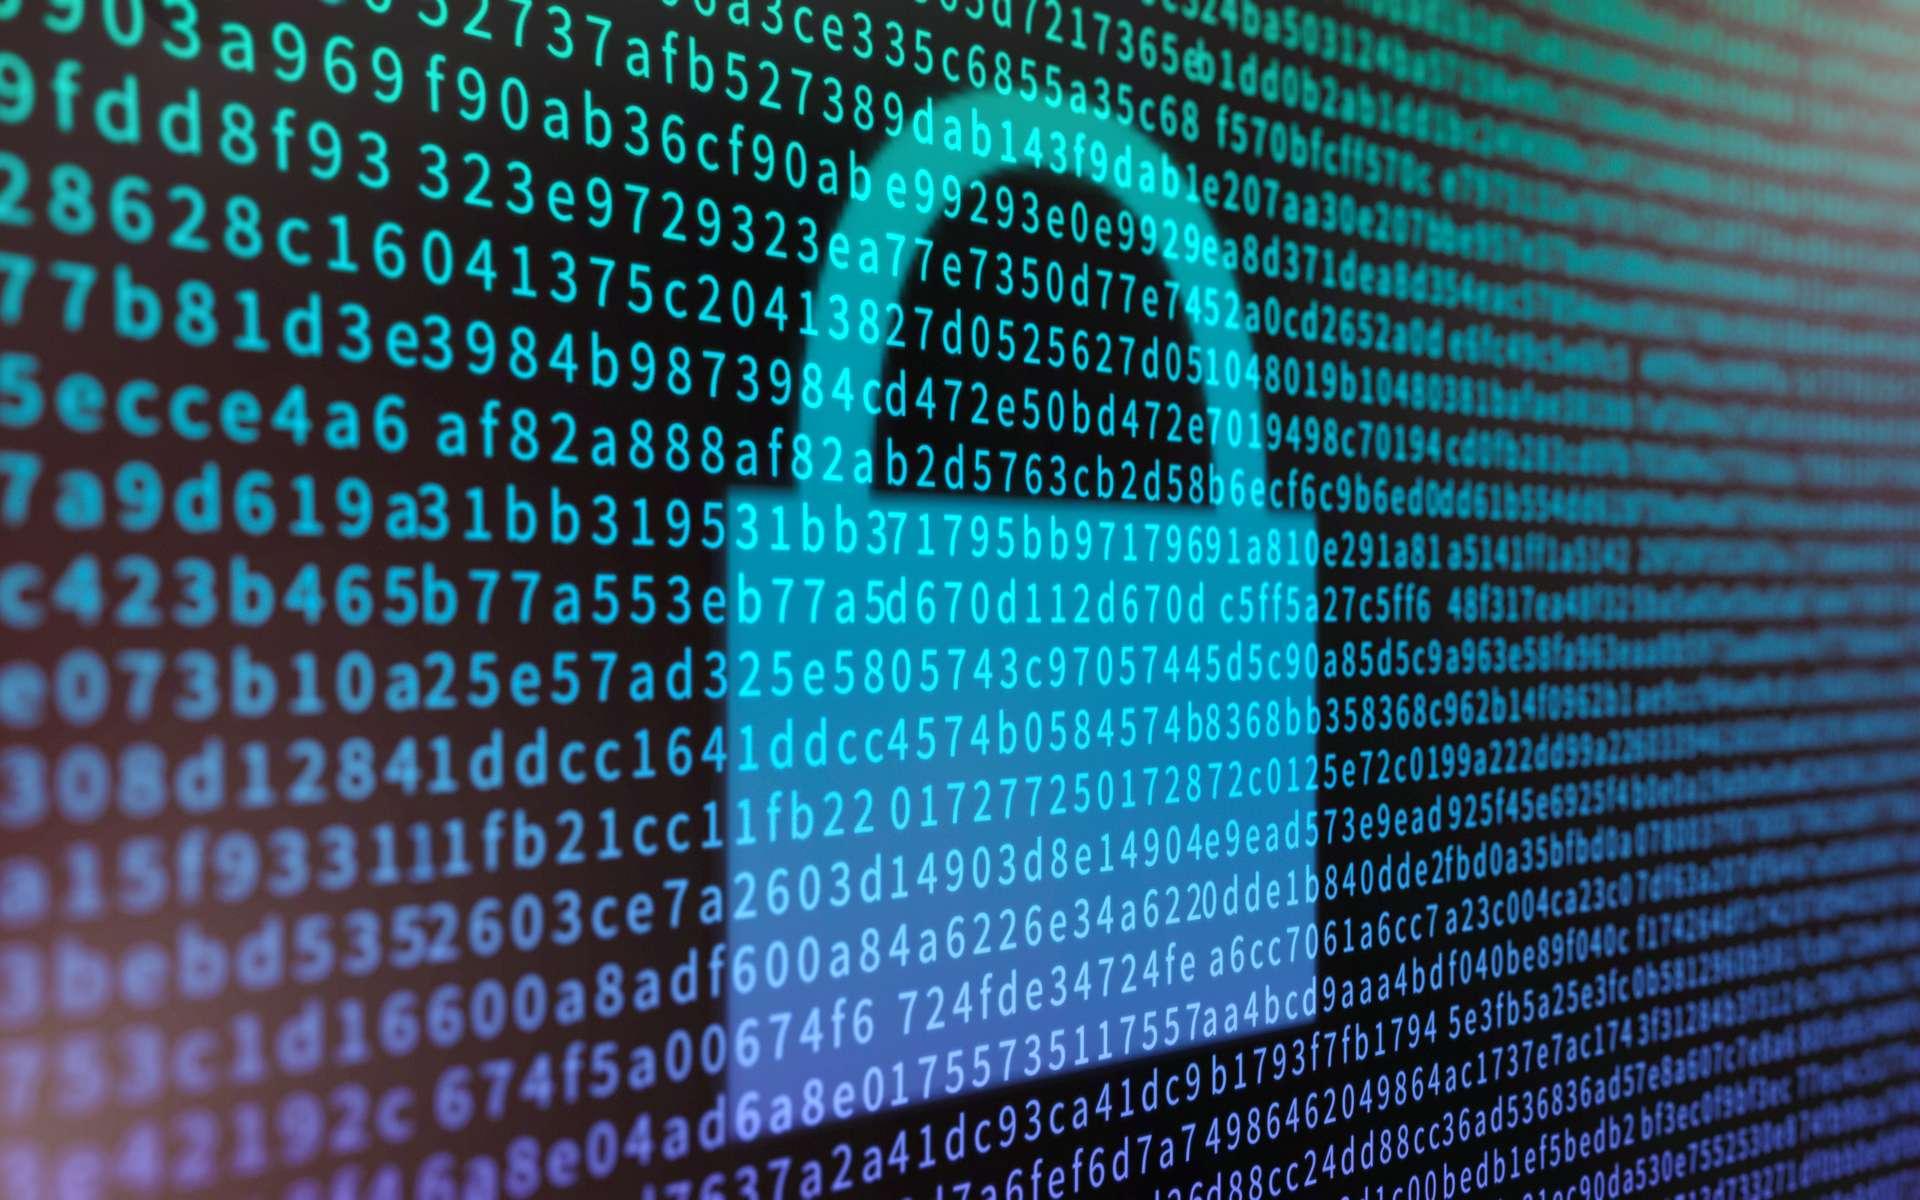 Le cryptologue doit protéger les données sensibles en les chiffrant via des codes complexes. © Anthony Brown, Adobe Stock.